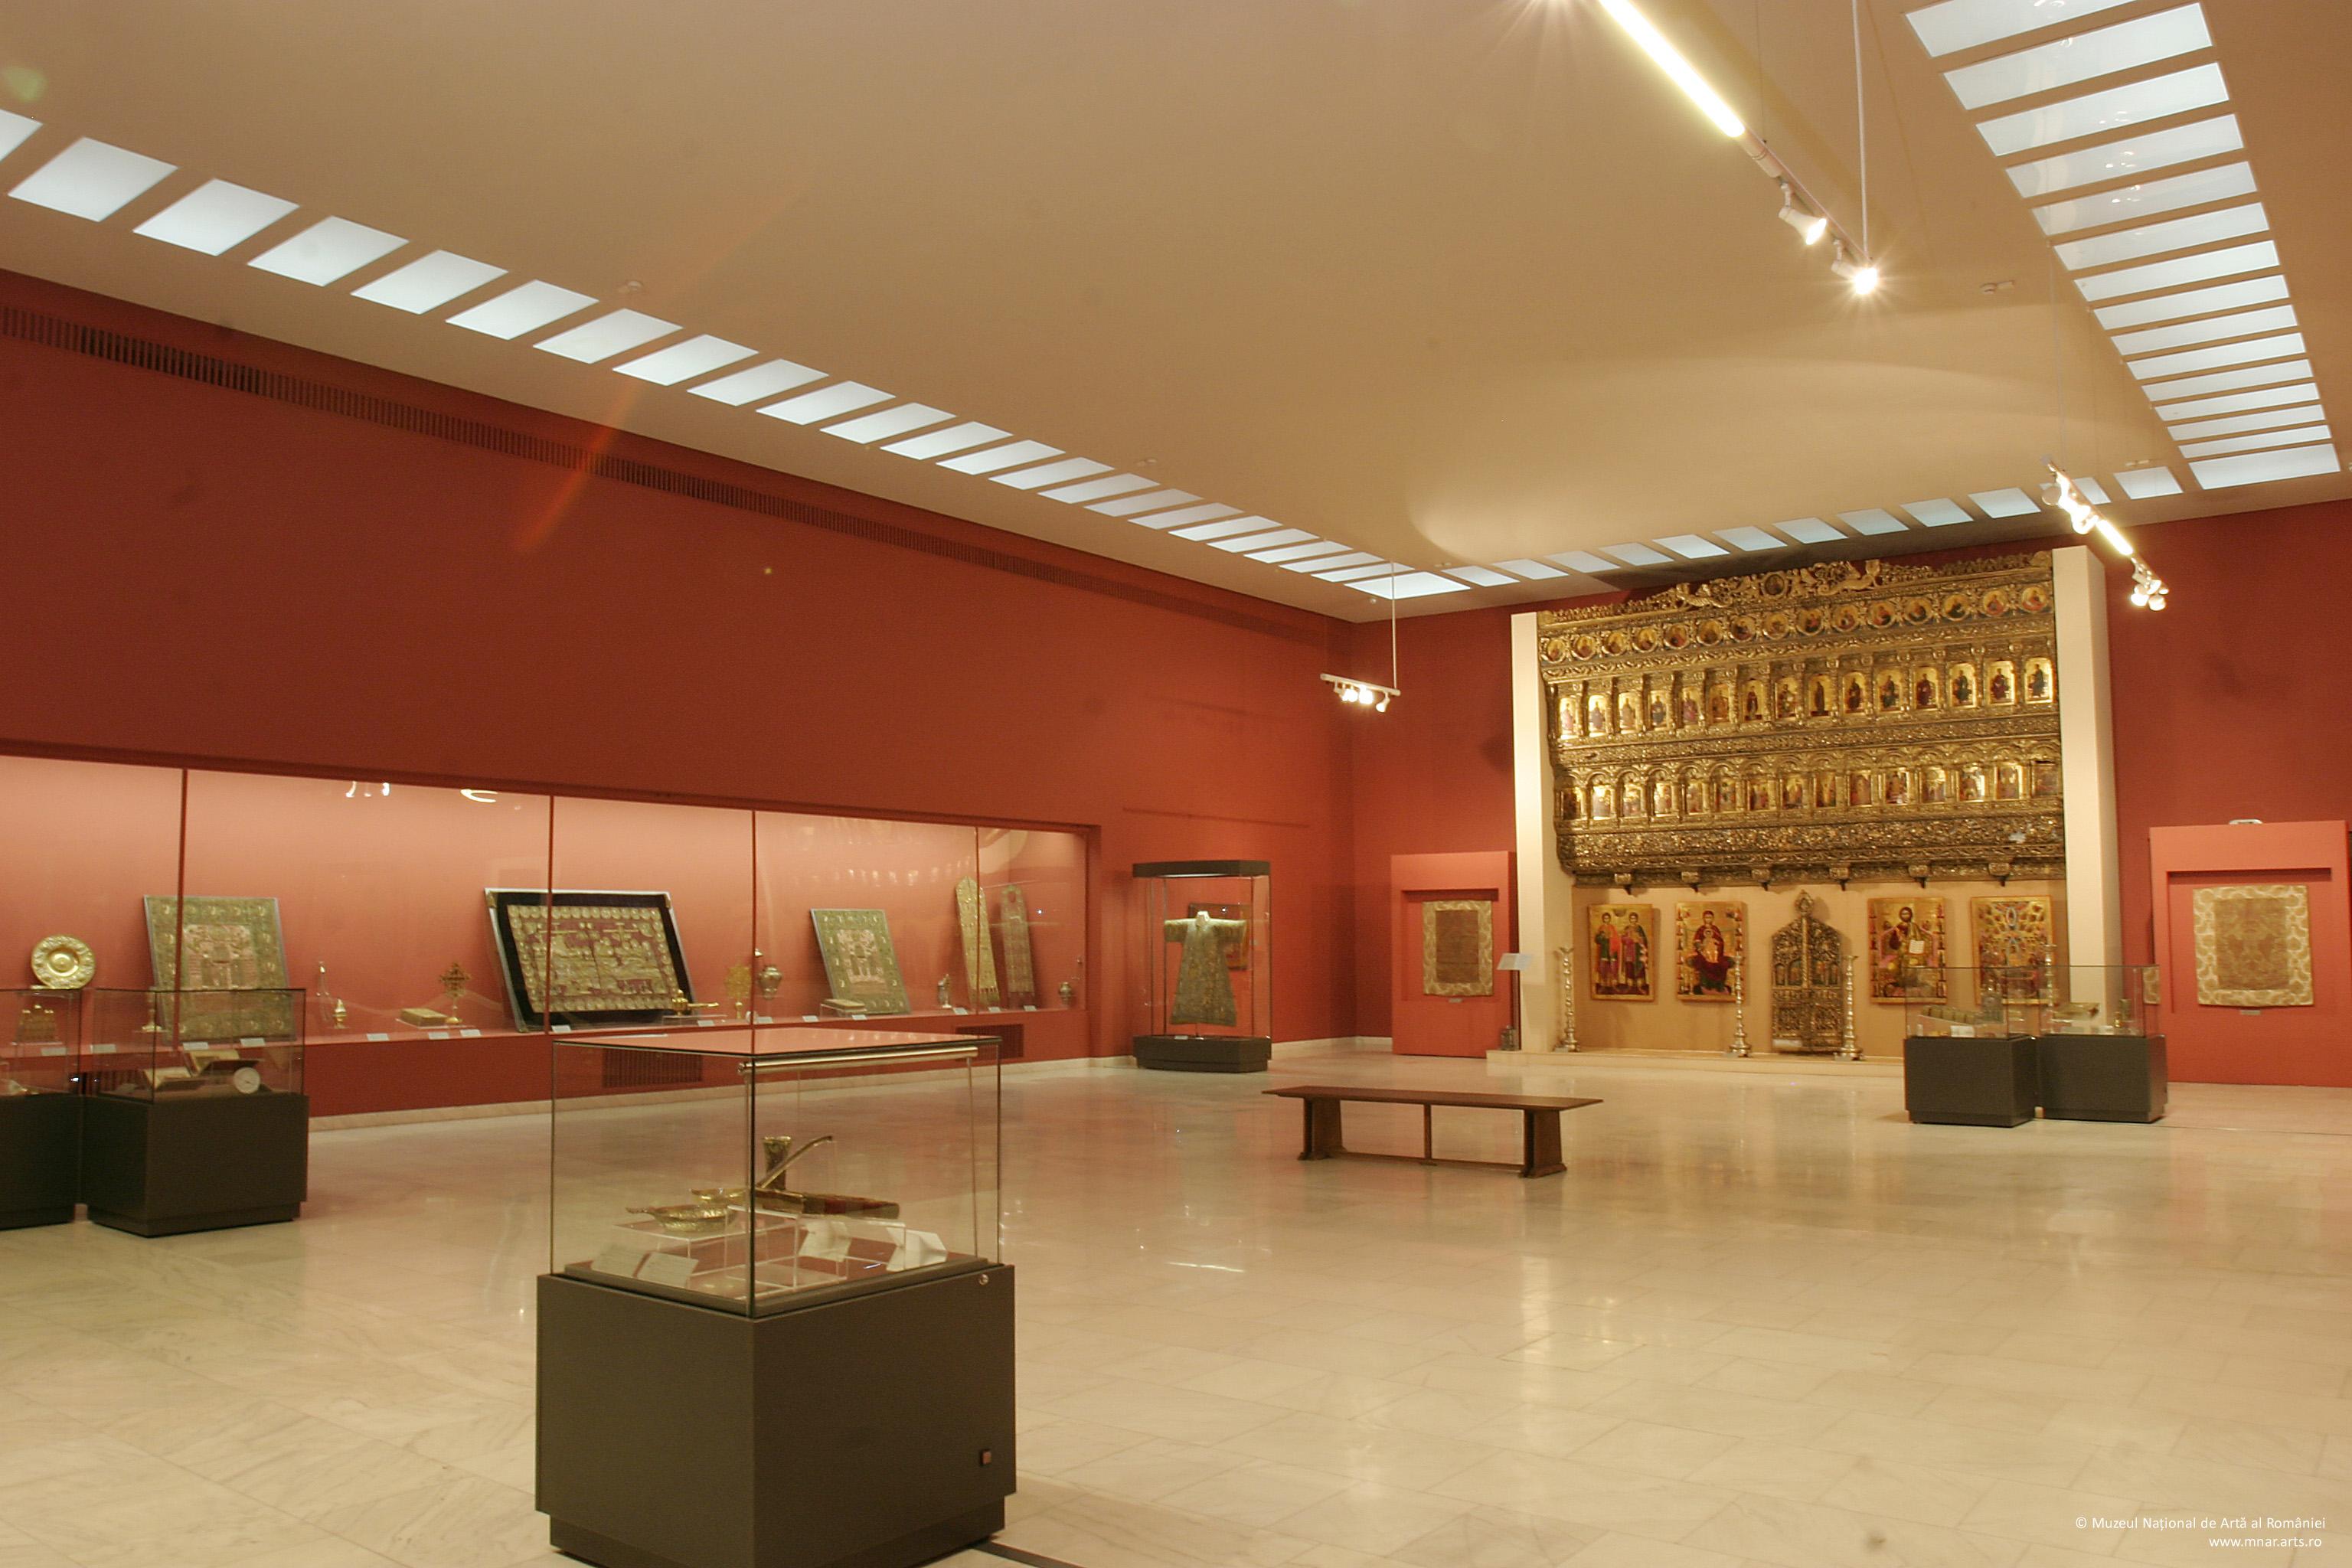 Tur virtual al Galeriei de Artă Veche Românească (MNAR), București